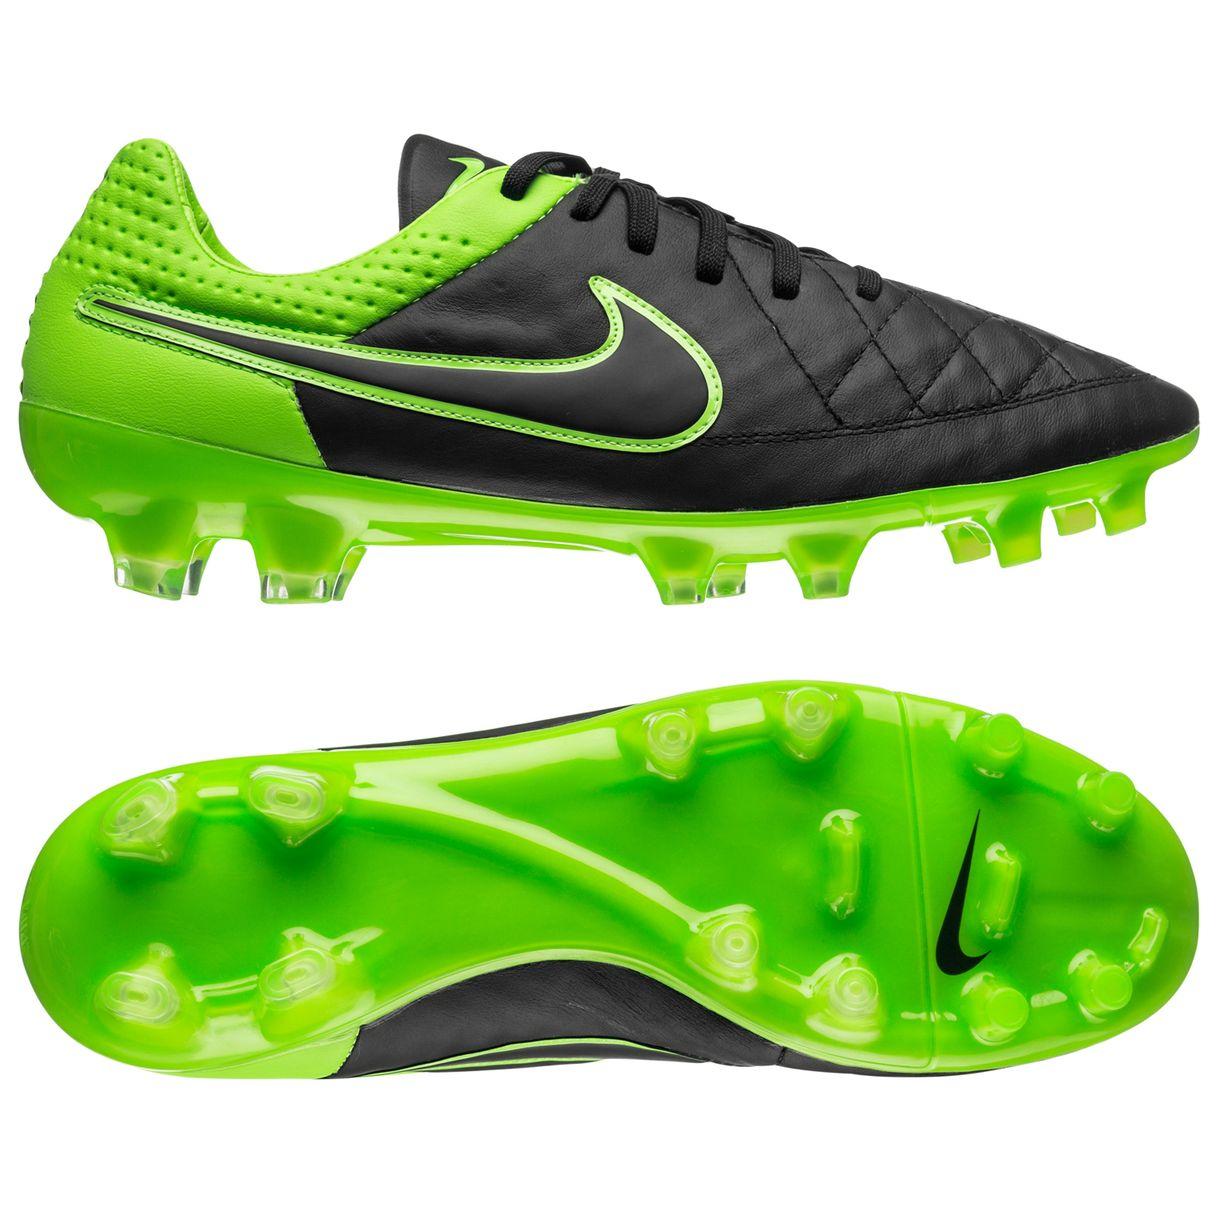 Positionsguide: Welche Fußballschuhe passen zu meiner